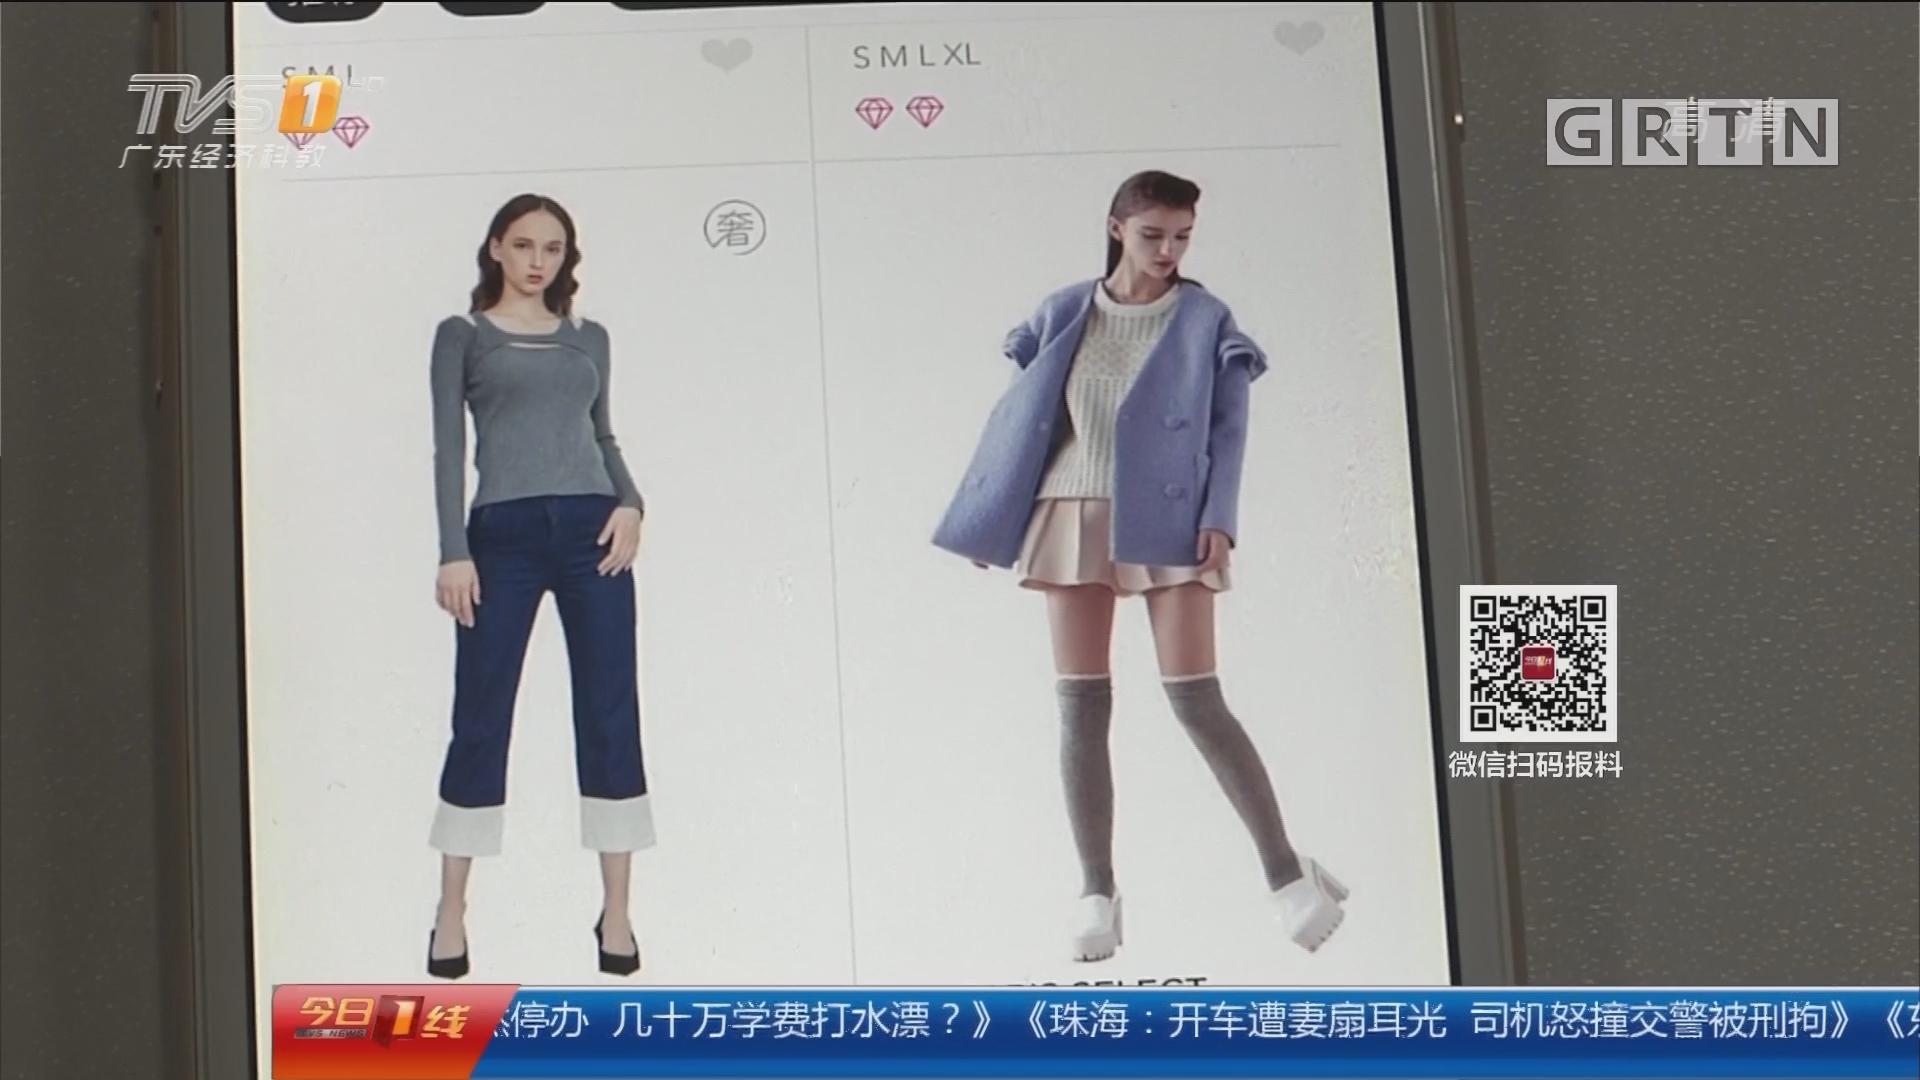 共享衣橱调查:月花几百元天天换新衣 你接受吗?